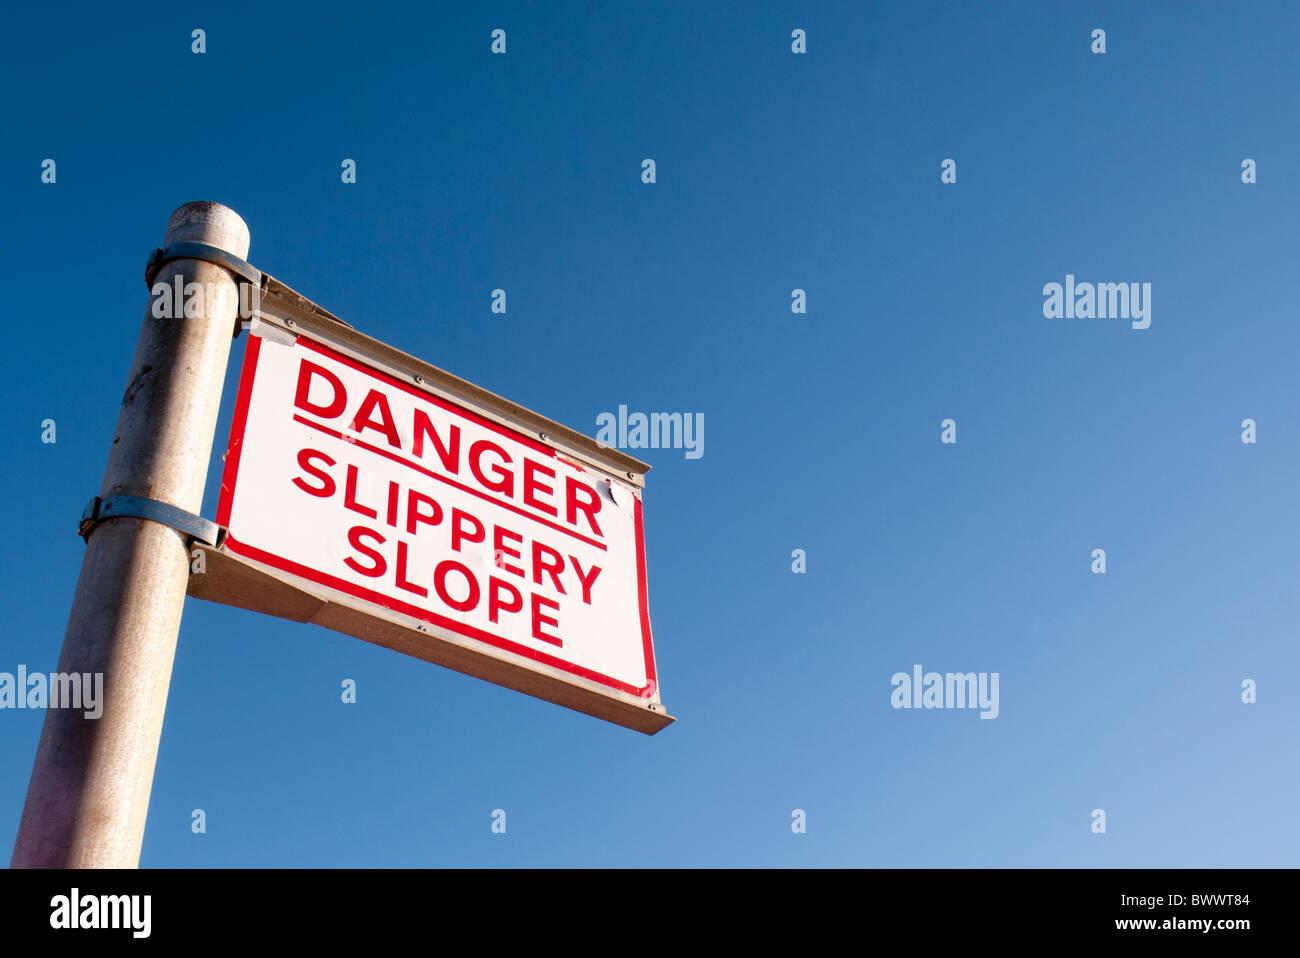 danger slippery slope sign post - Stock Image